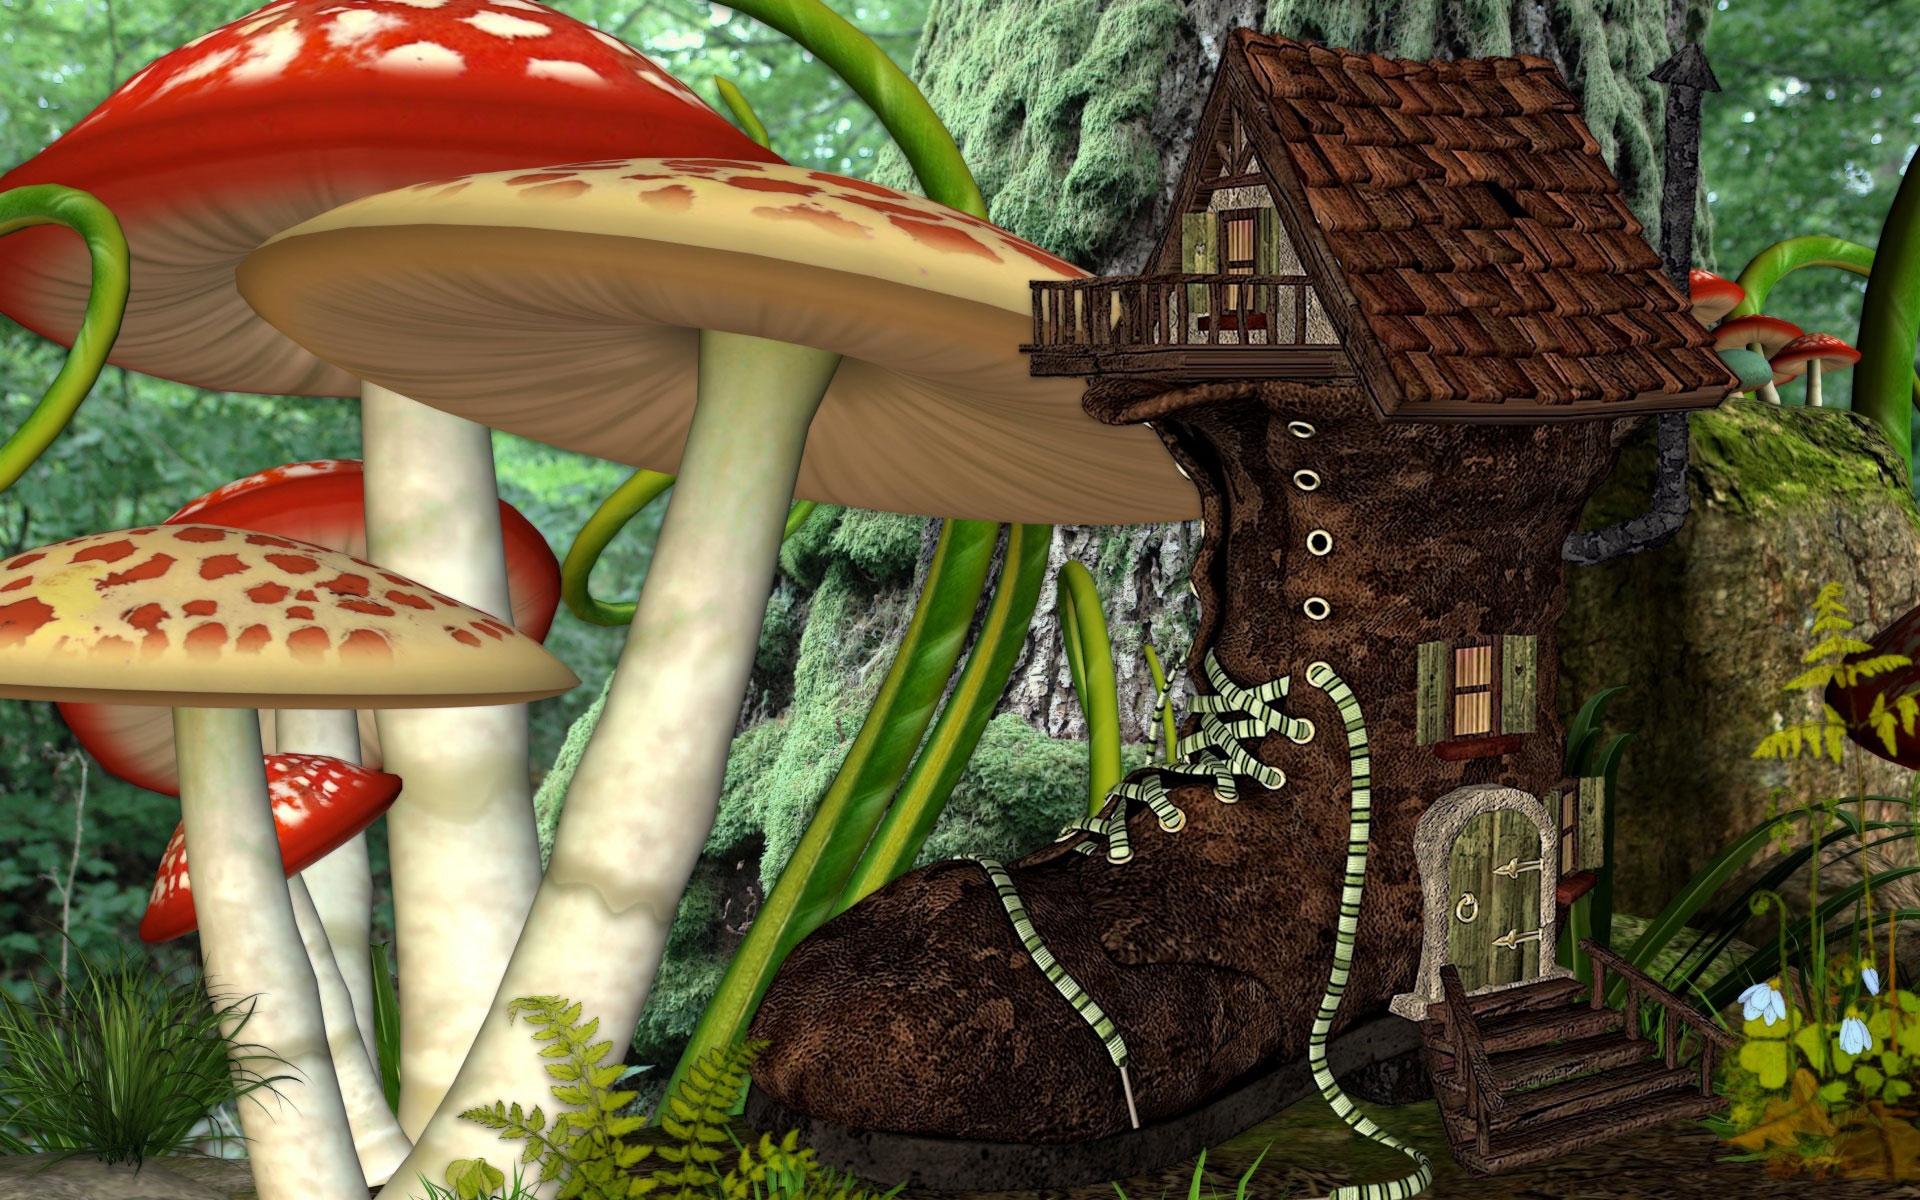 гриб домик картинки фэнтези перешел